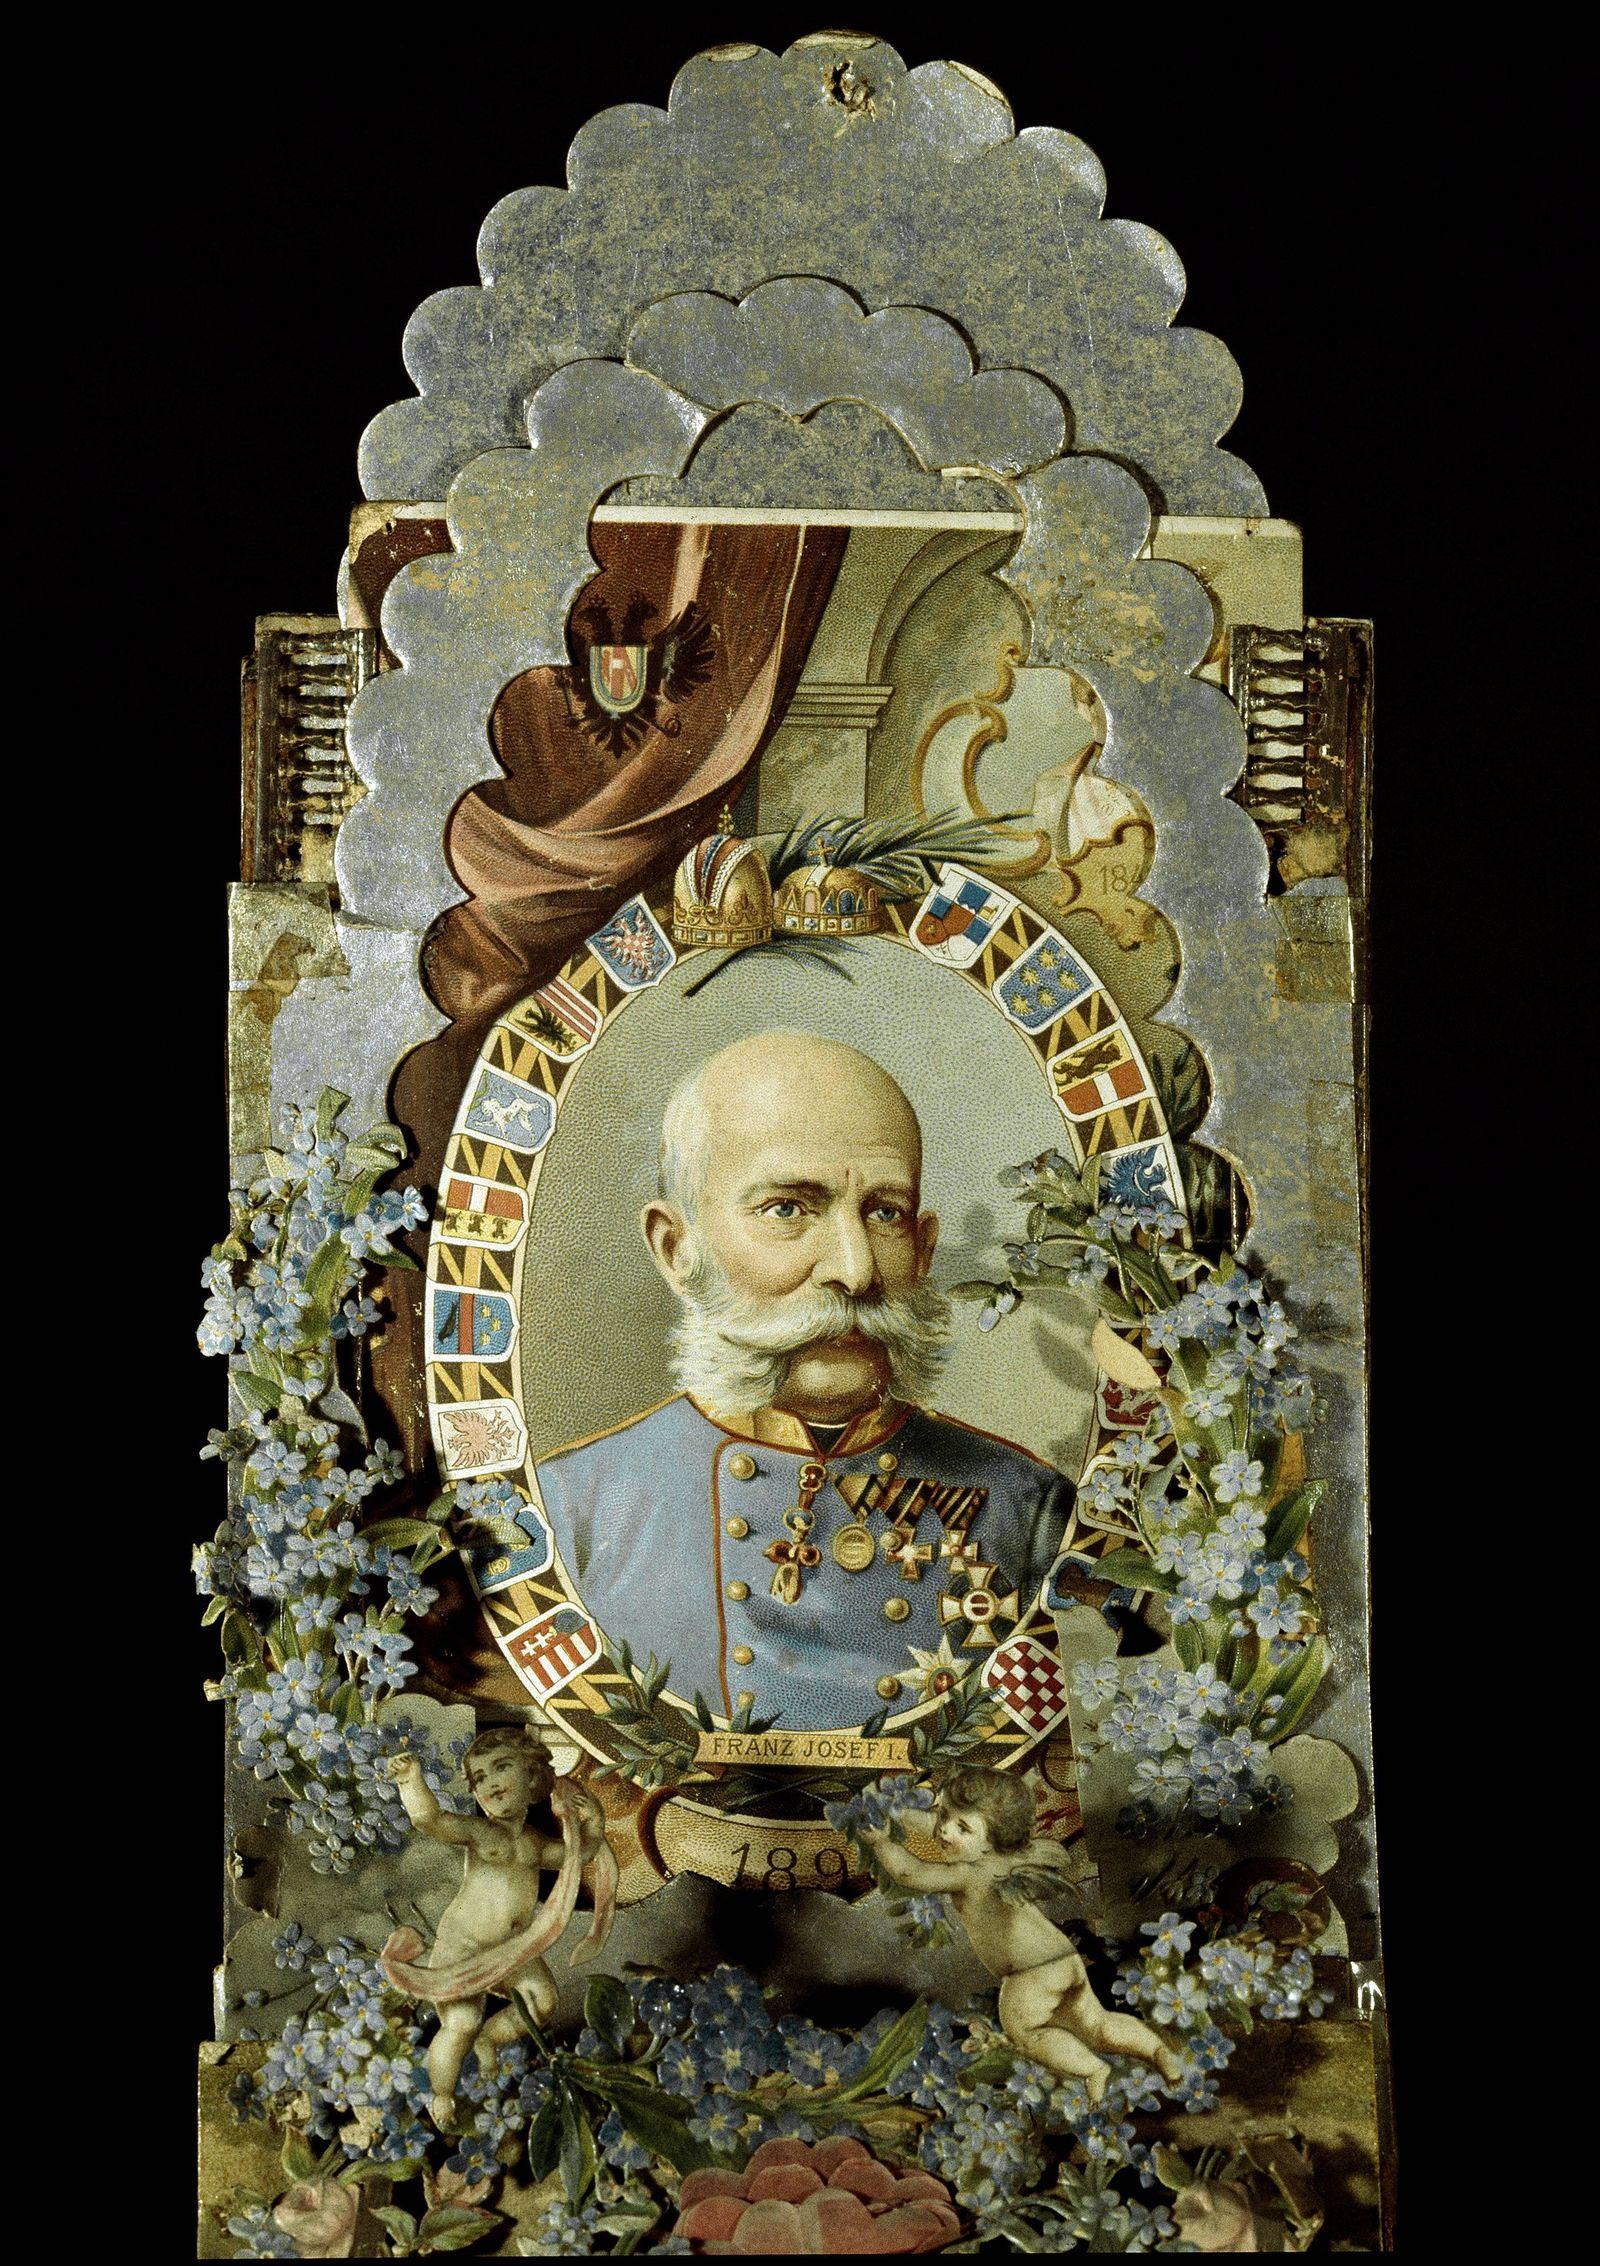 Premiere guerre mondiale imagette en hommage a l empereur Francois Joseph Ier 1830 1916 distribu